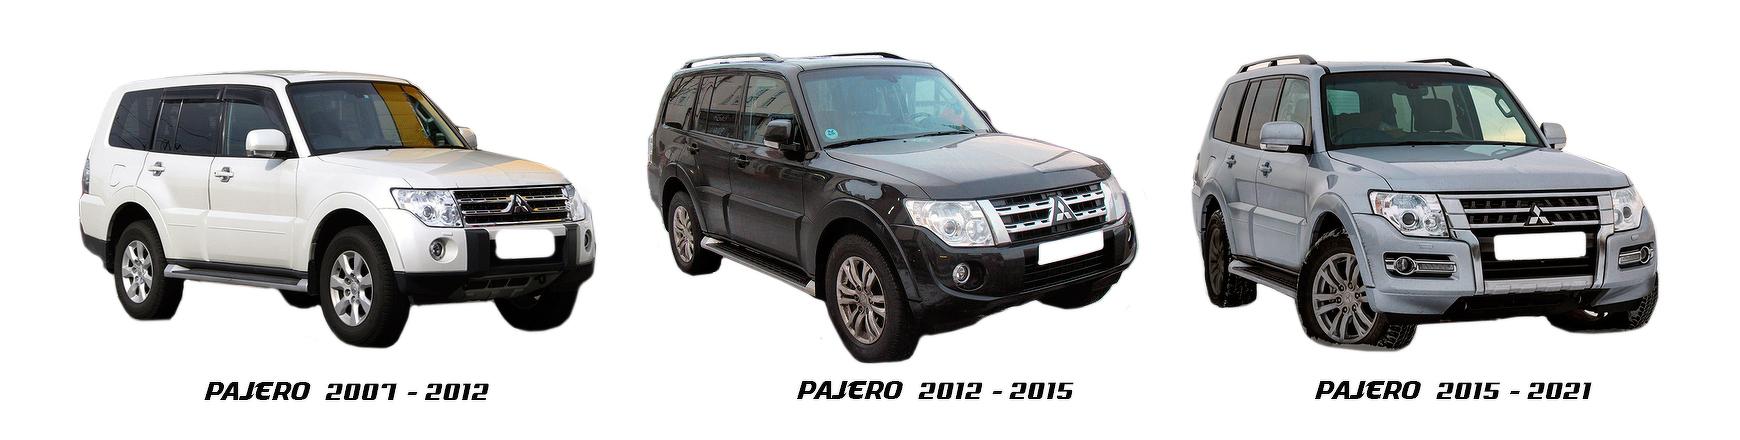 mitsubishi montero pajero 2007 2008 2009 2010 2012 2013 2014